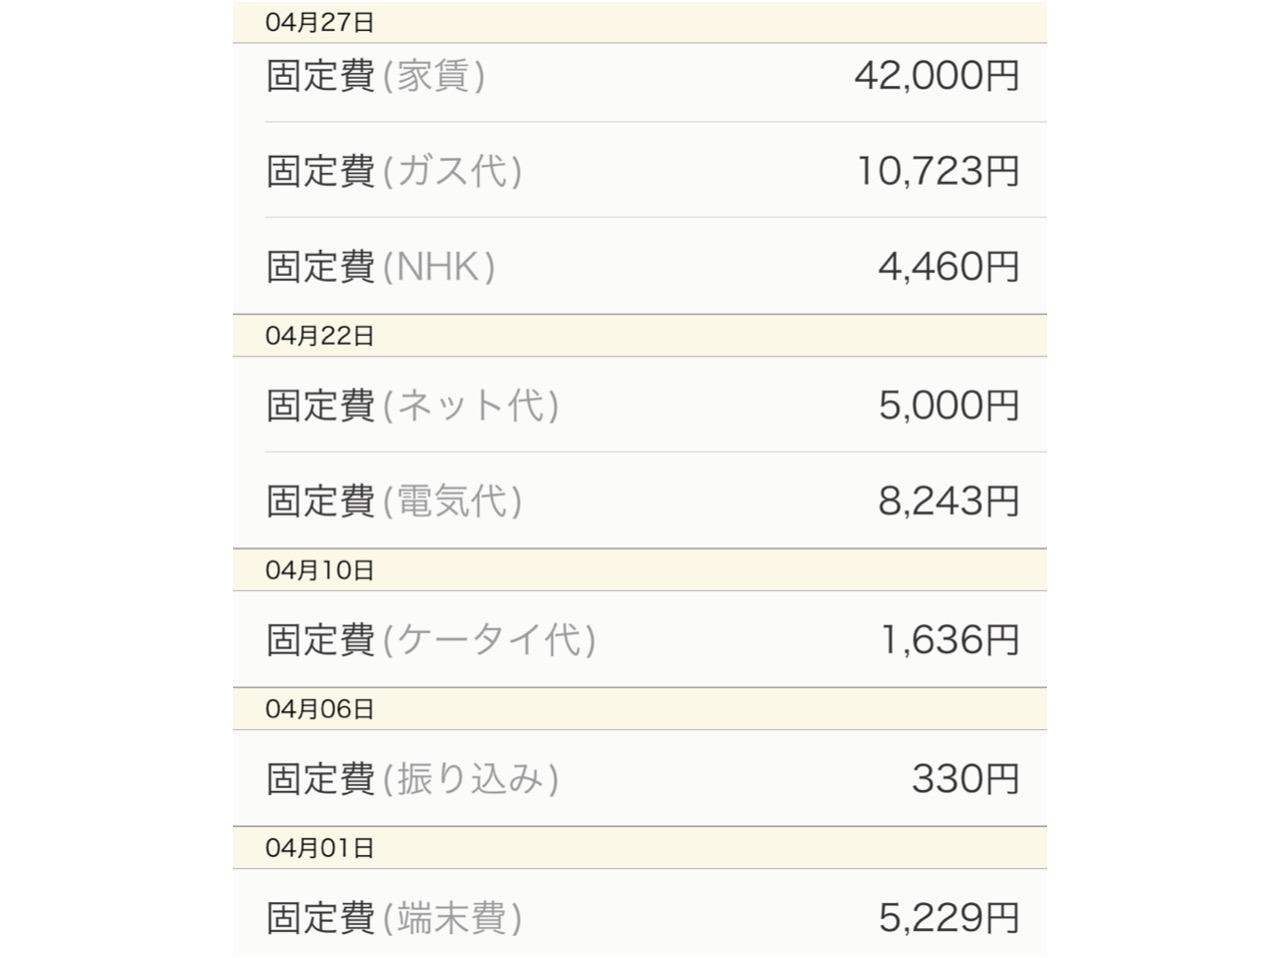 2020年4月の生活費は¥80415